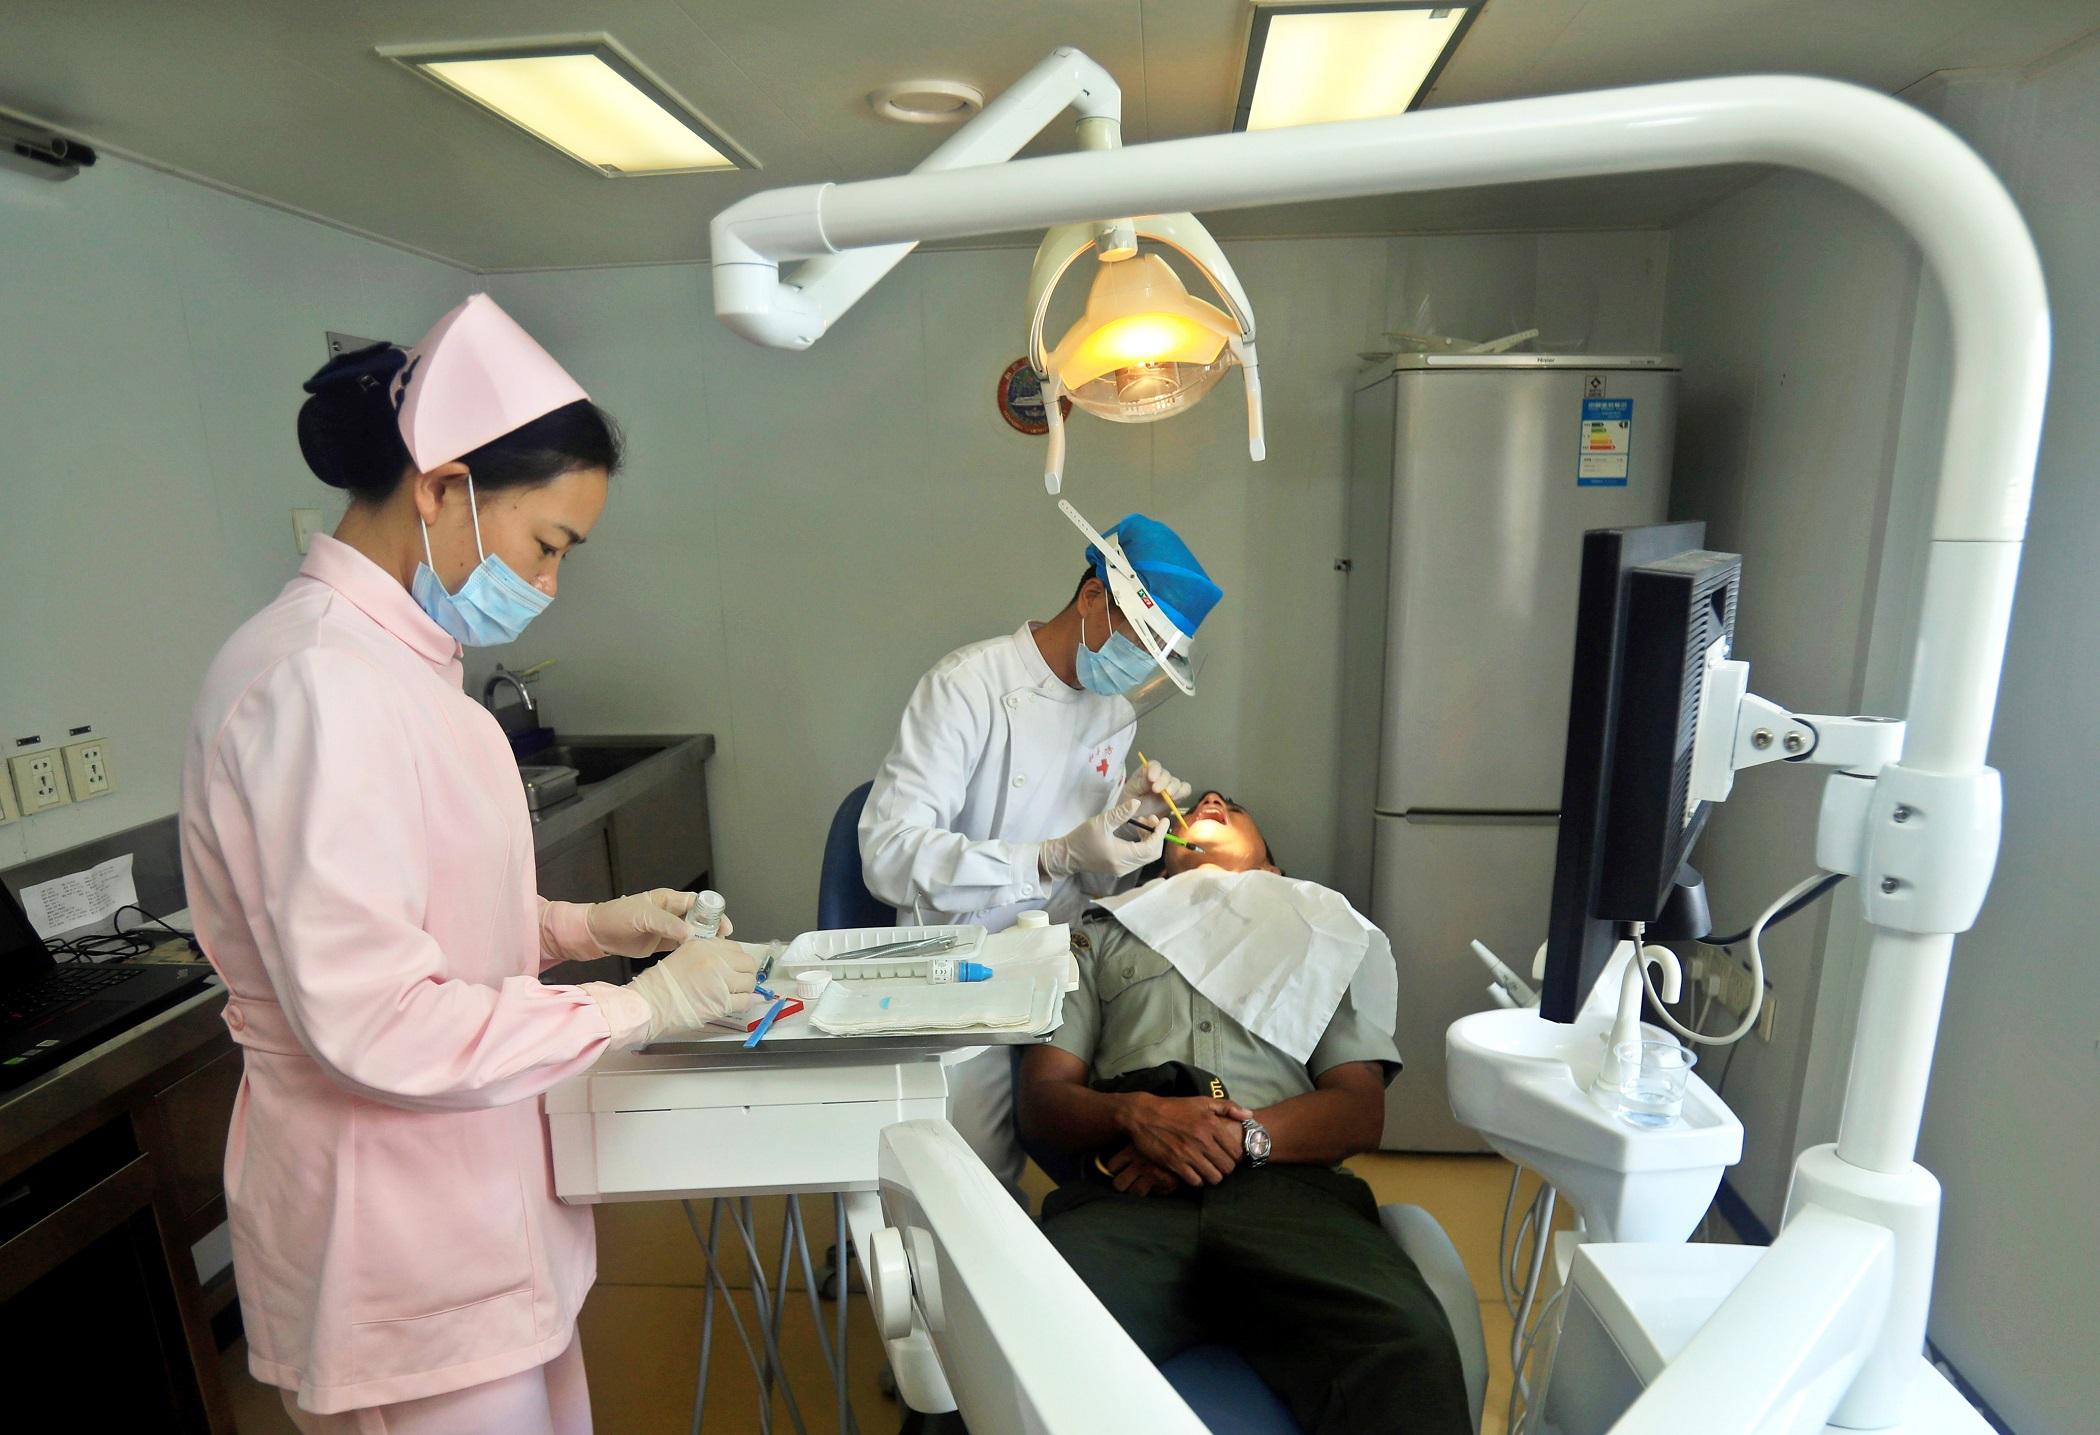 La caries es una destrucción de los tejidos duros del diente (esmalte y dentina) debida a determinadas bacterias que transforman los azucares en ácido. Si no se hace nada, alcanza la pulpa (nervio del diente) y produce dolor..